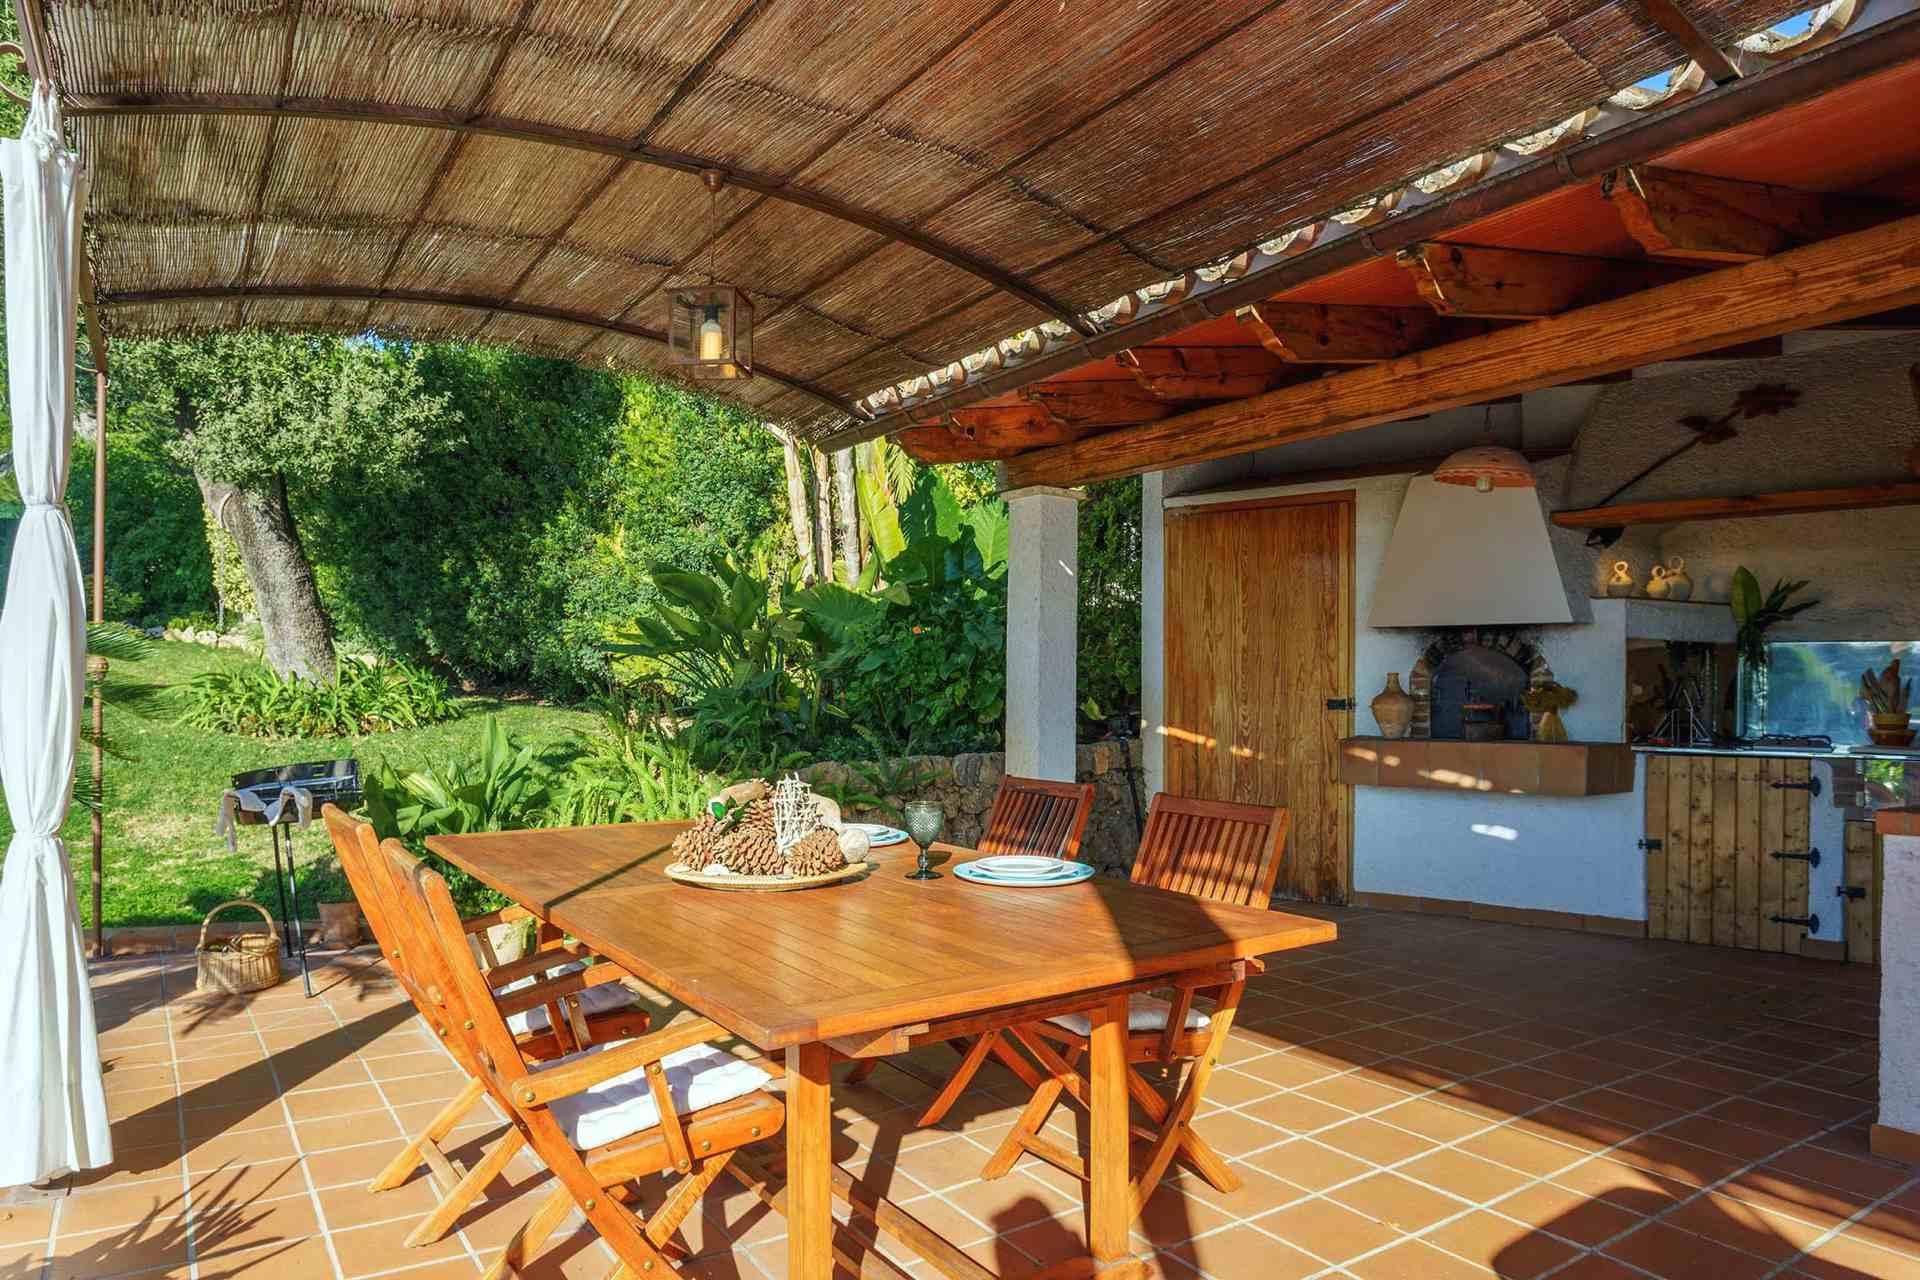 01-287 cozy Finca North Mallorca Bild 12